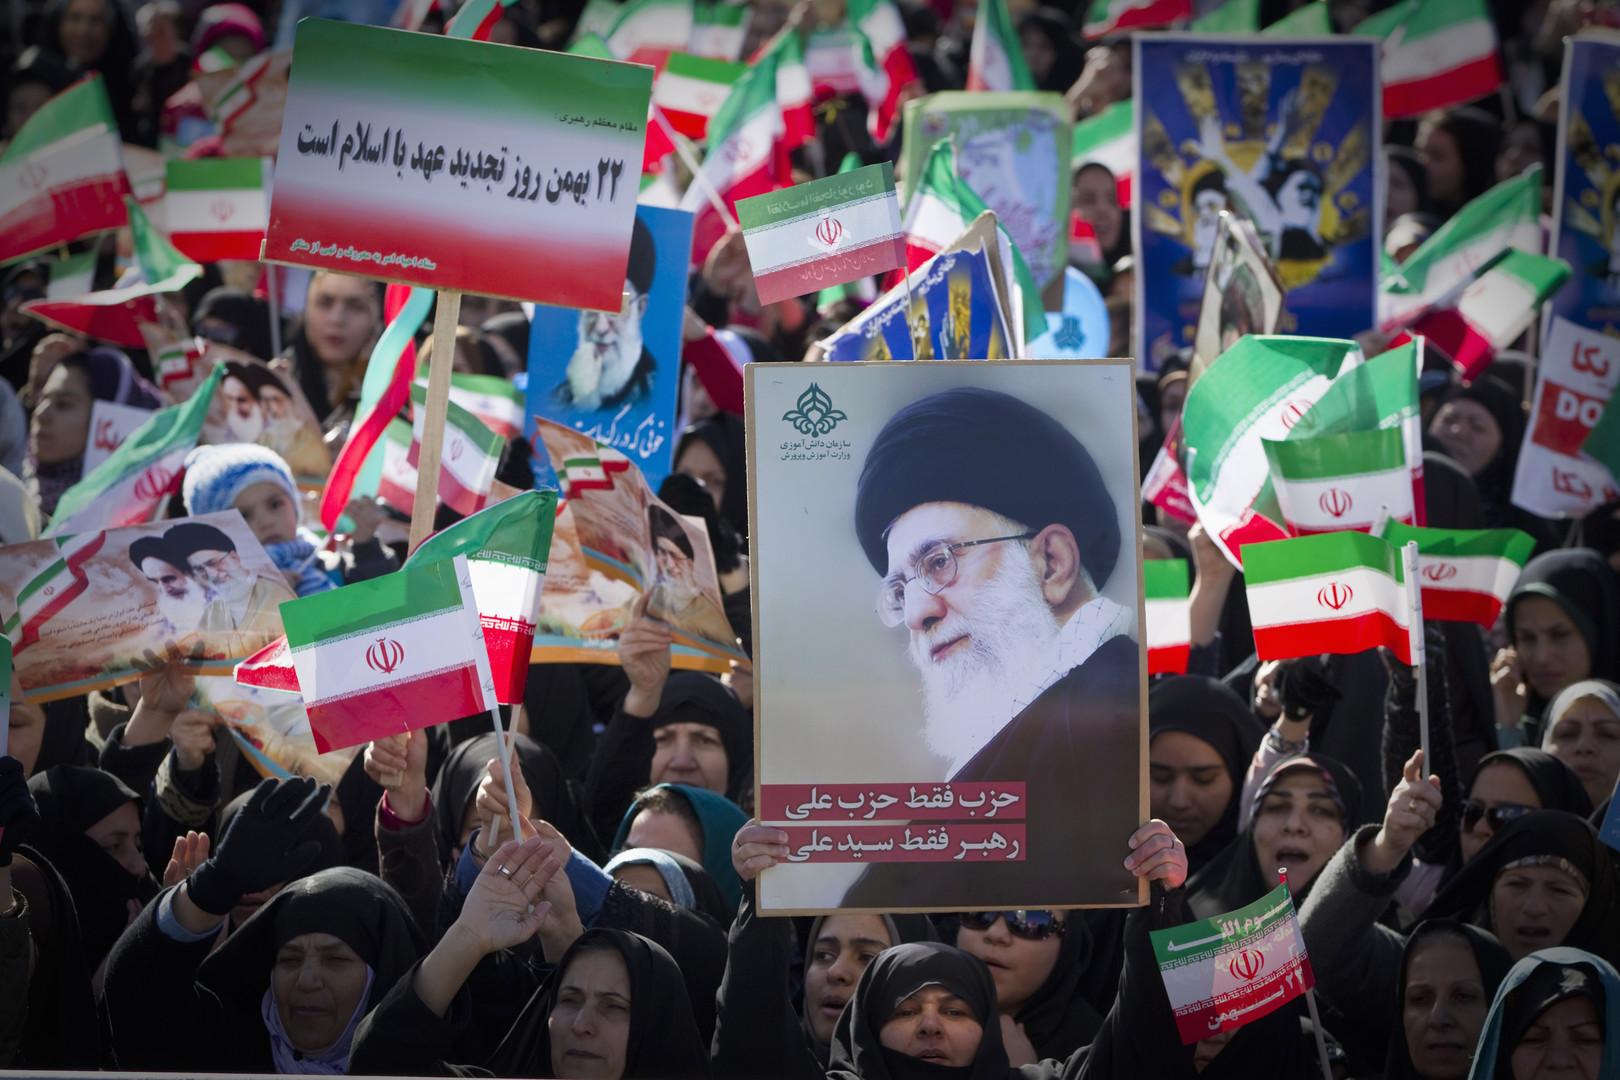 إيران: لا نرى أمننا في زعزعة أمن جيراننا